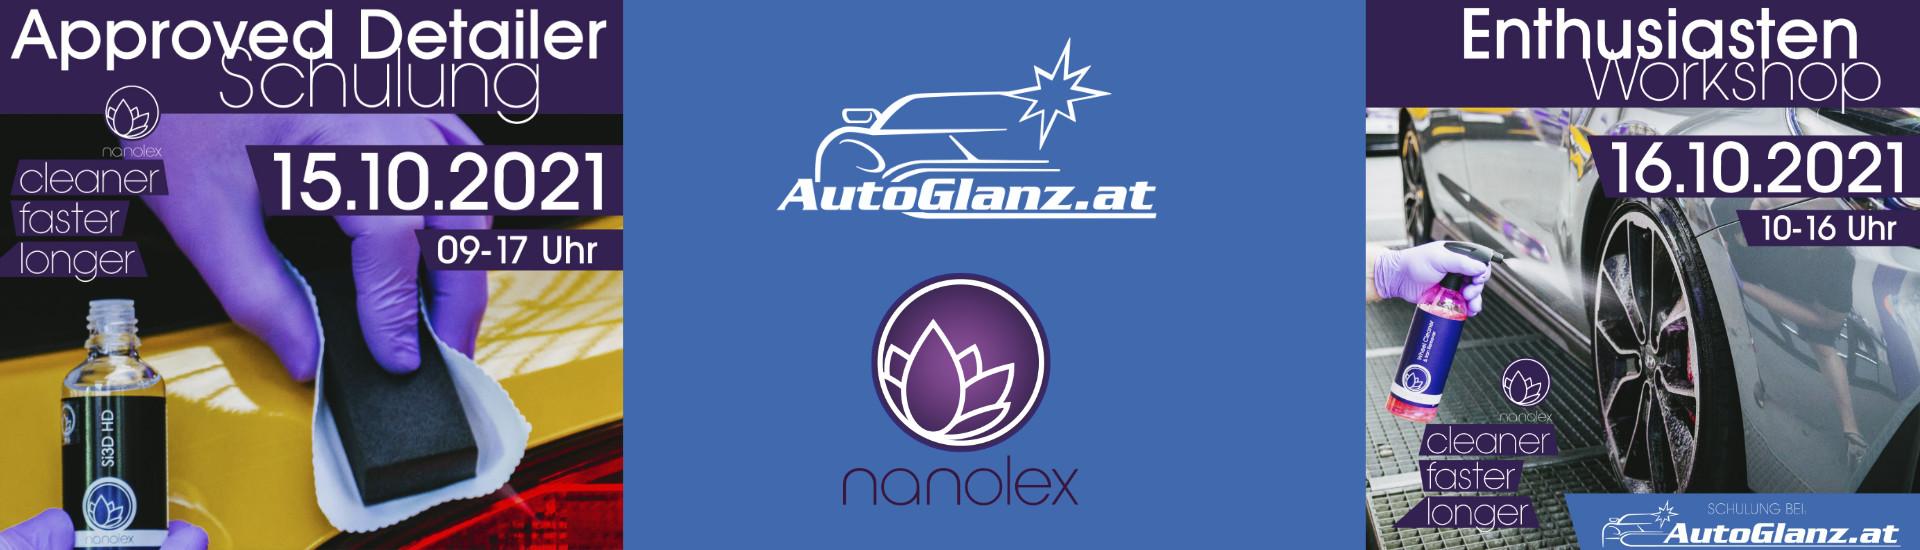 Nanolex Workshop